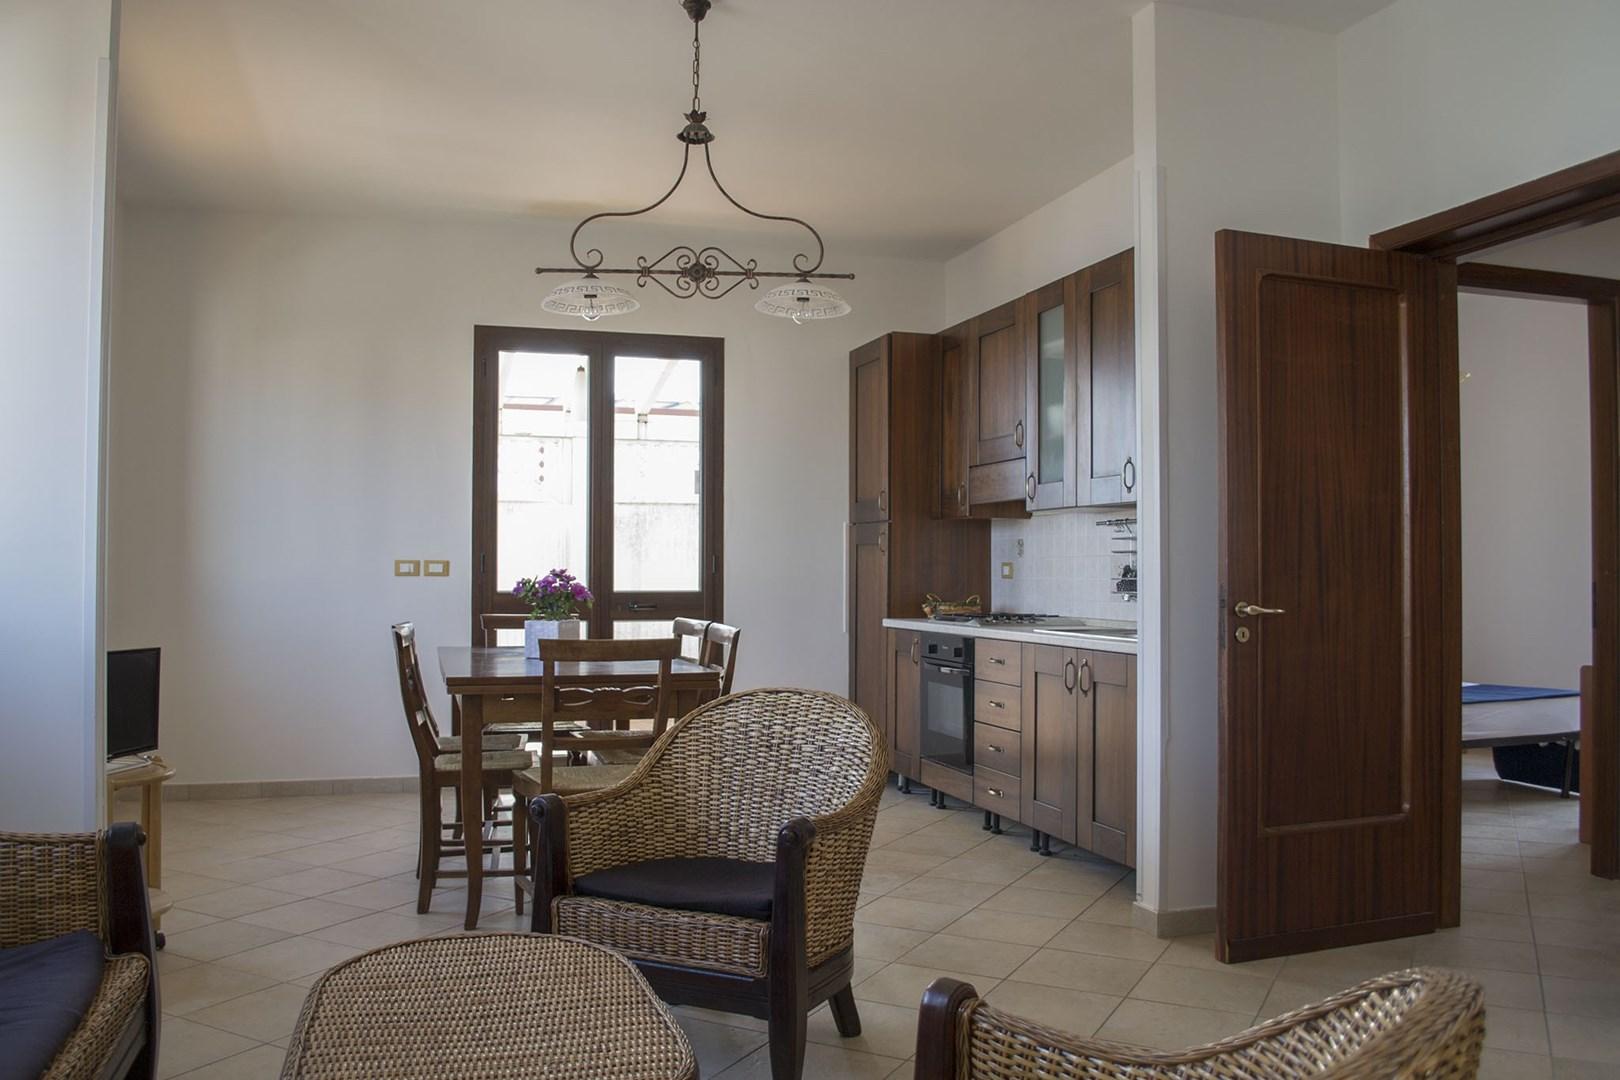 509_appartamento-lecce_1._soggiorno.jpg